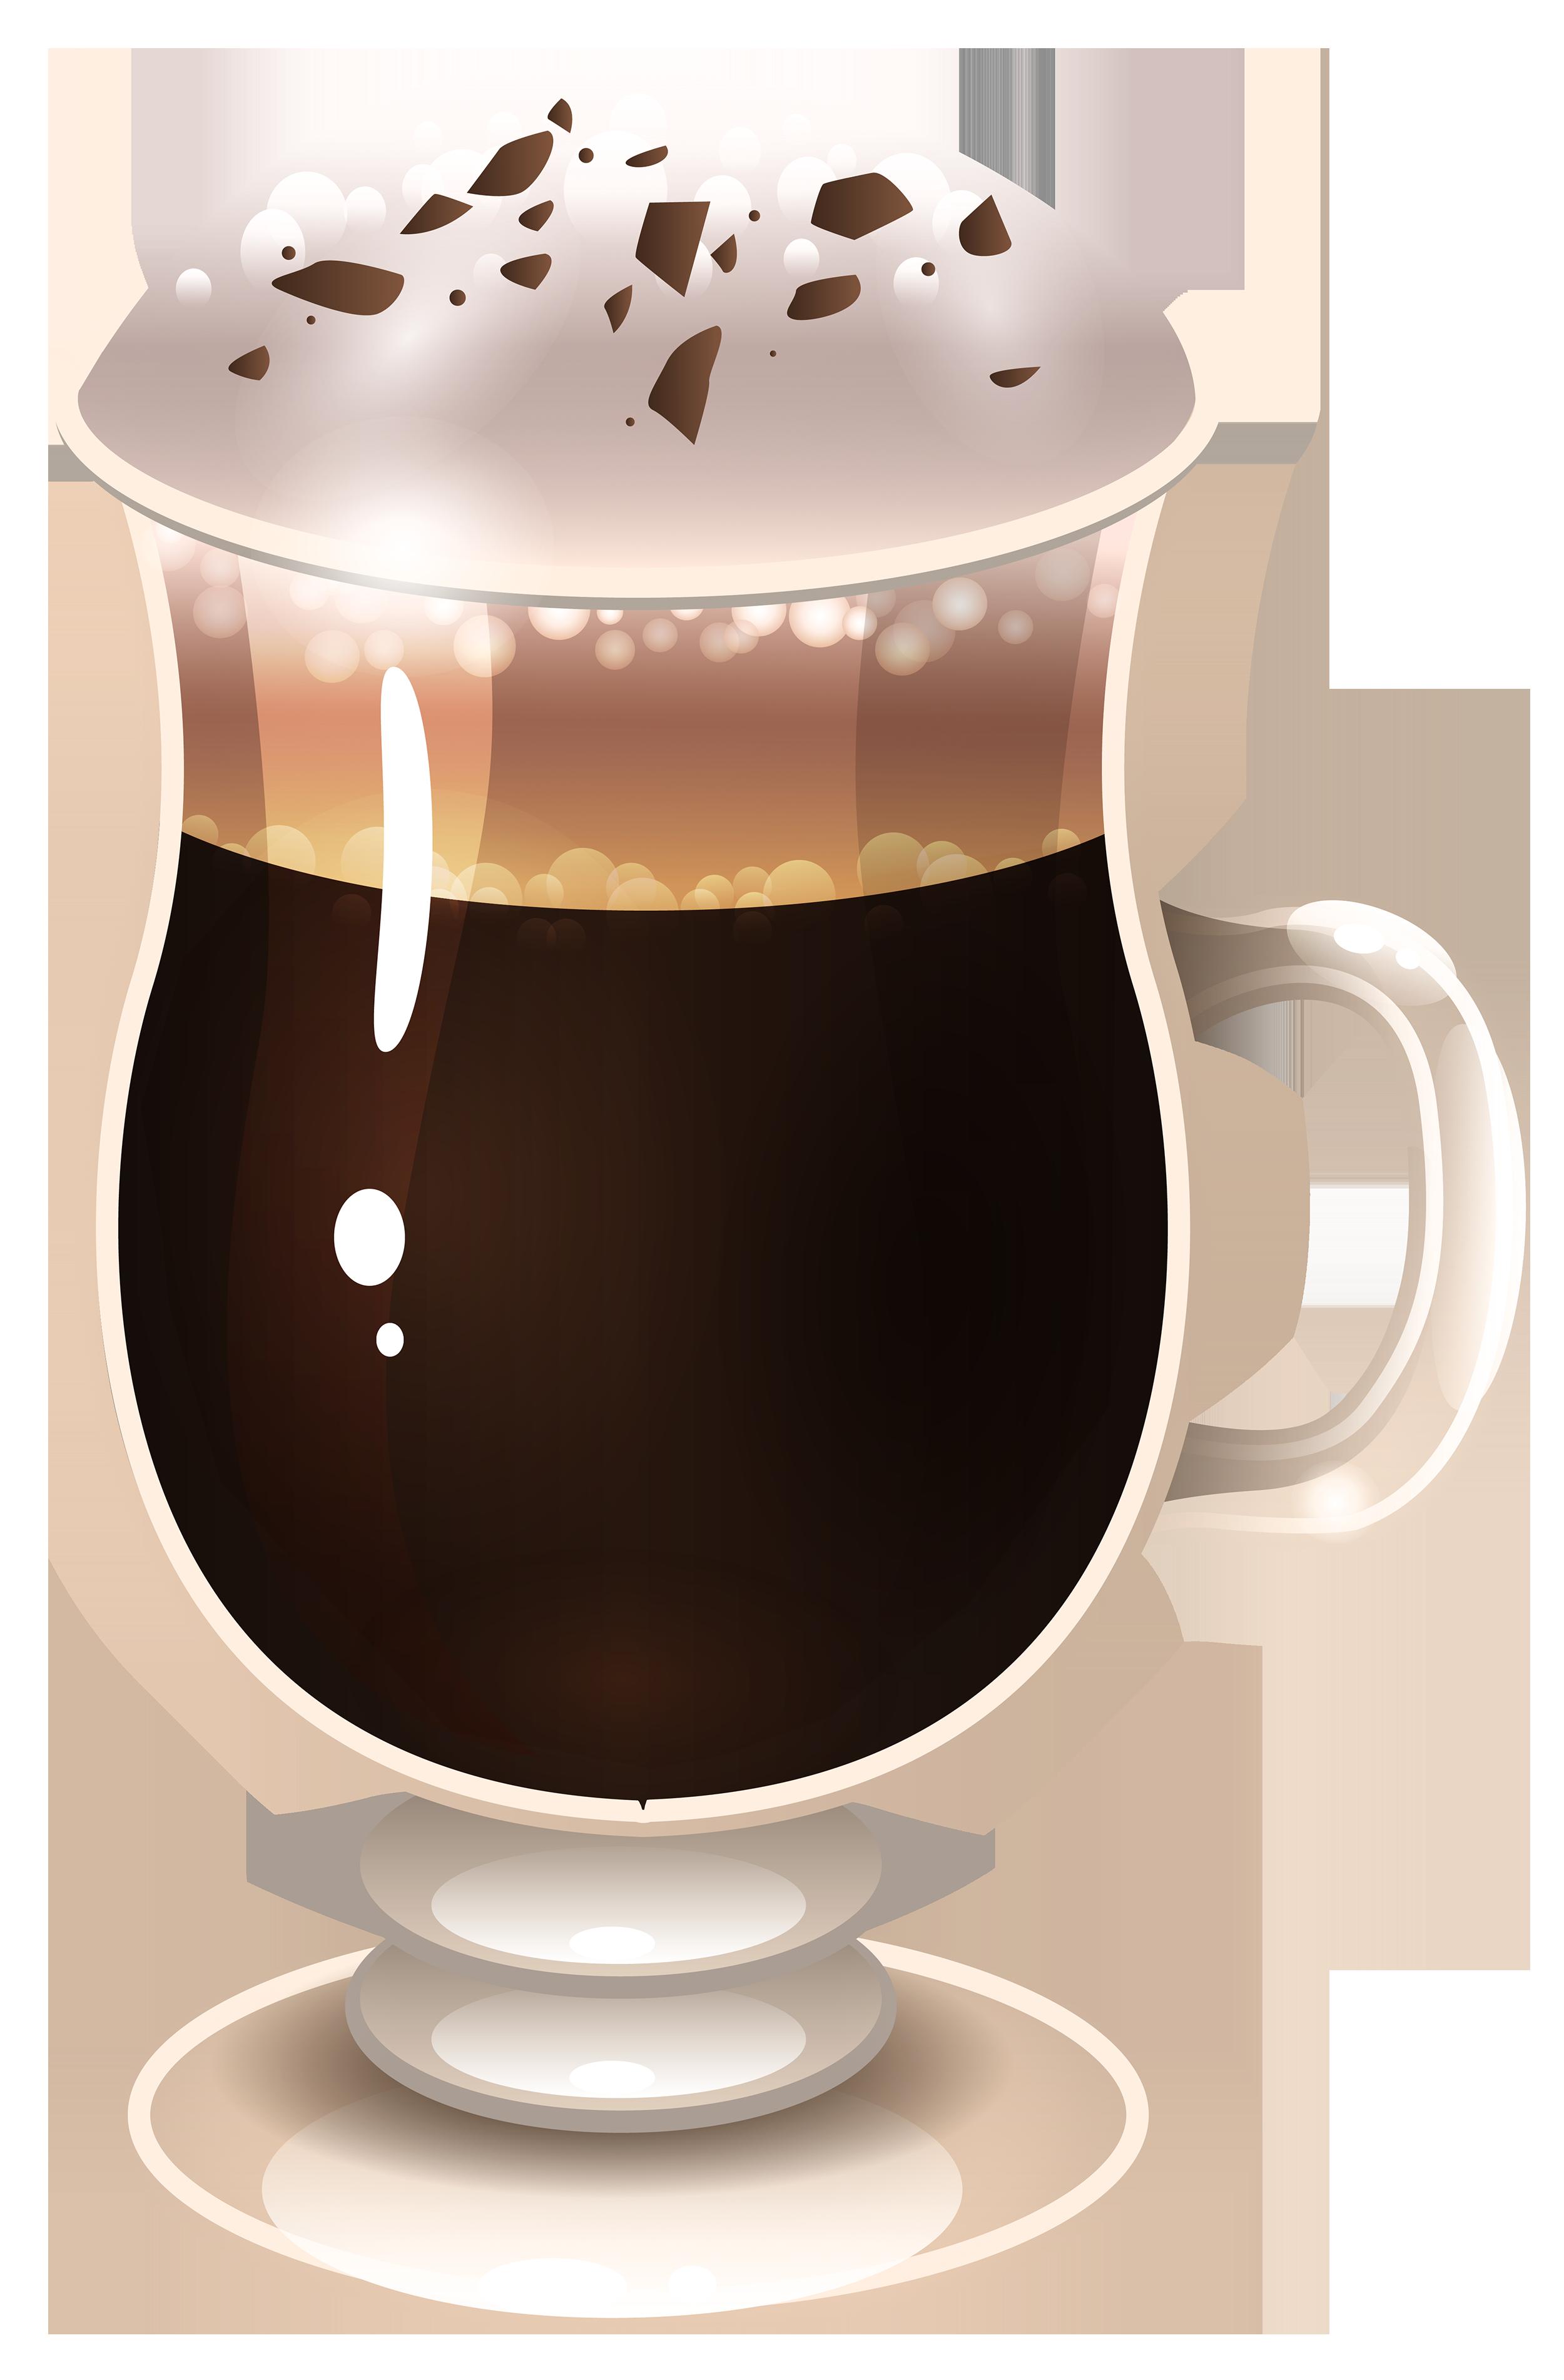 Latte clipart.